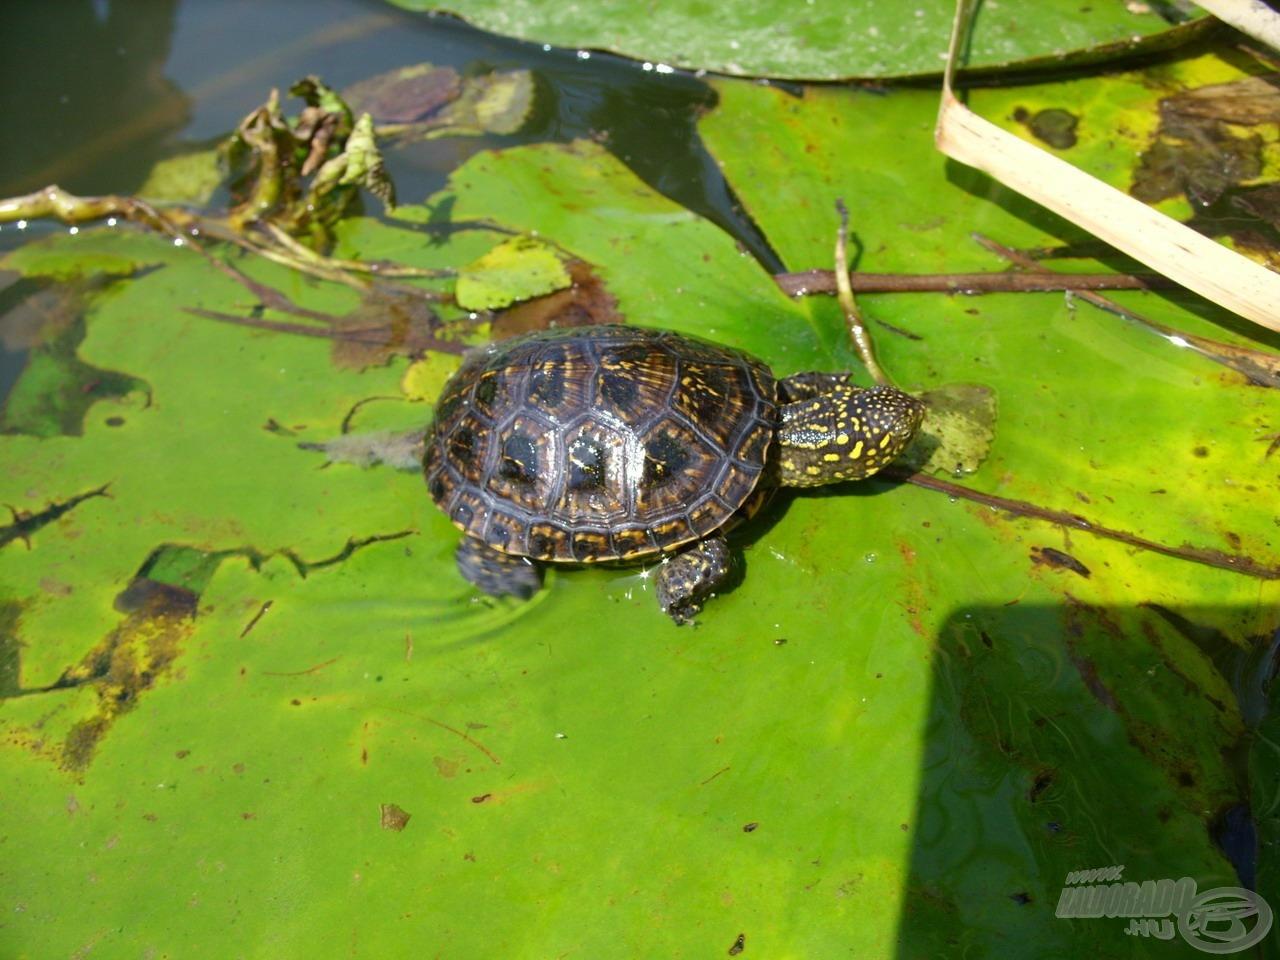 … de a kétéltűek és hüllők is gyakoriak, így mocsári teknőssel is könnyen találkozhatunk